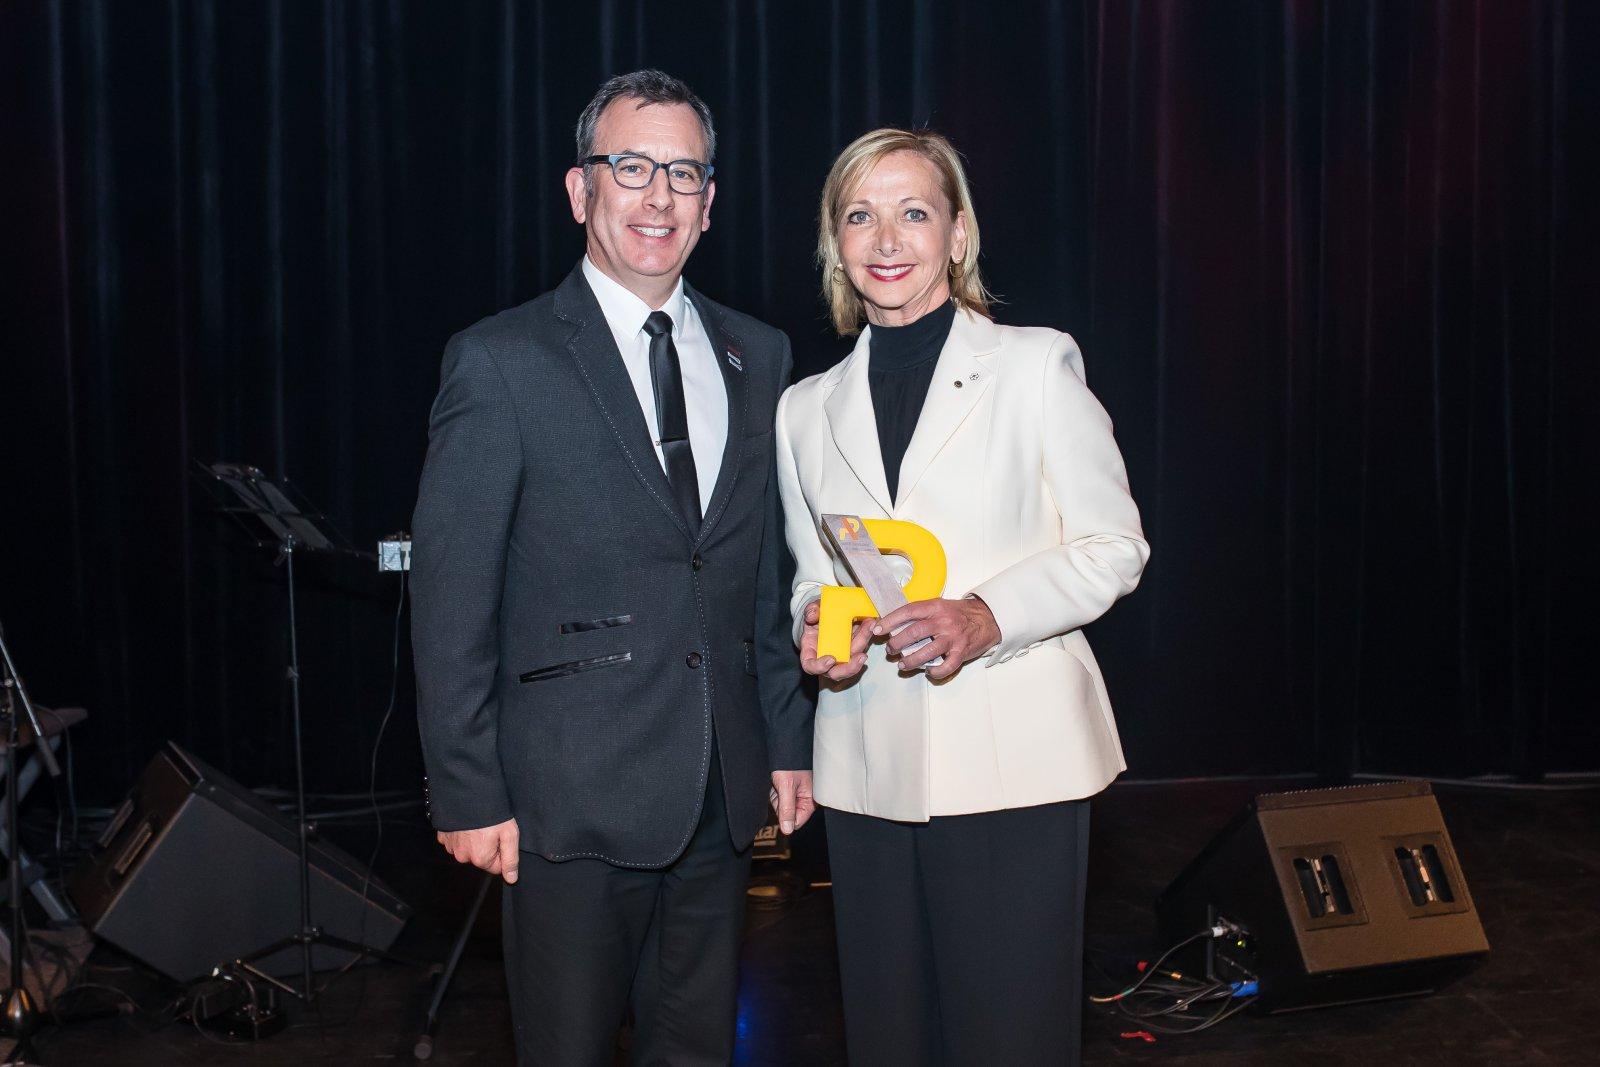 Le président de la SQPRP, Patrick Howe, PRP, ARP, a remis le prix hommage SQPRP 2019 à Mme Christiane Germain, cofondatrice et coprésidente de l'entreprise familiale Groupe Germain Hôtels.